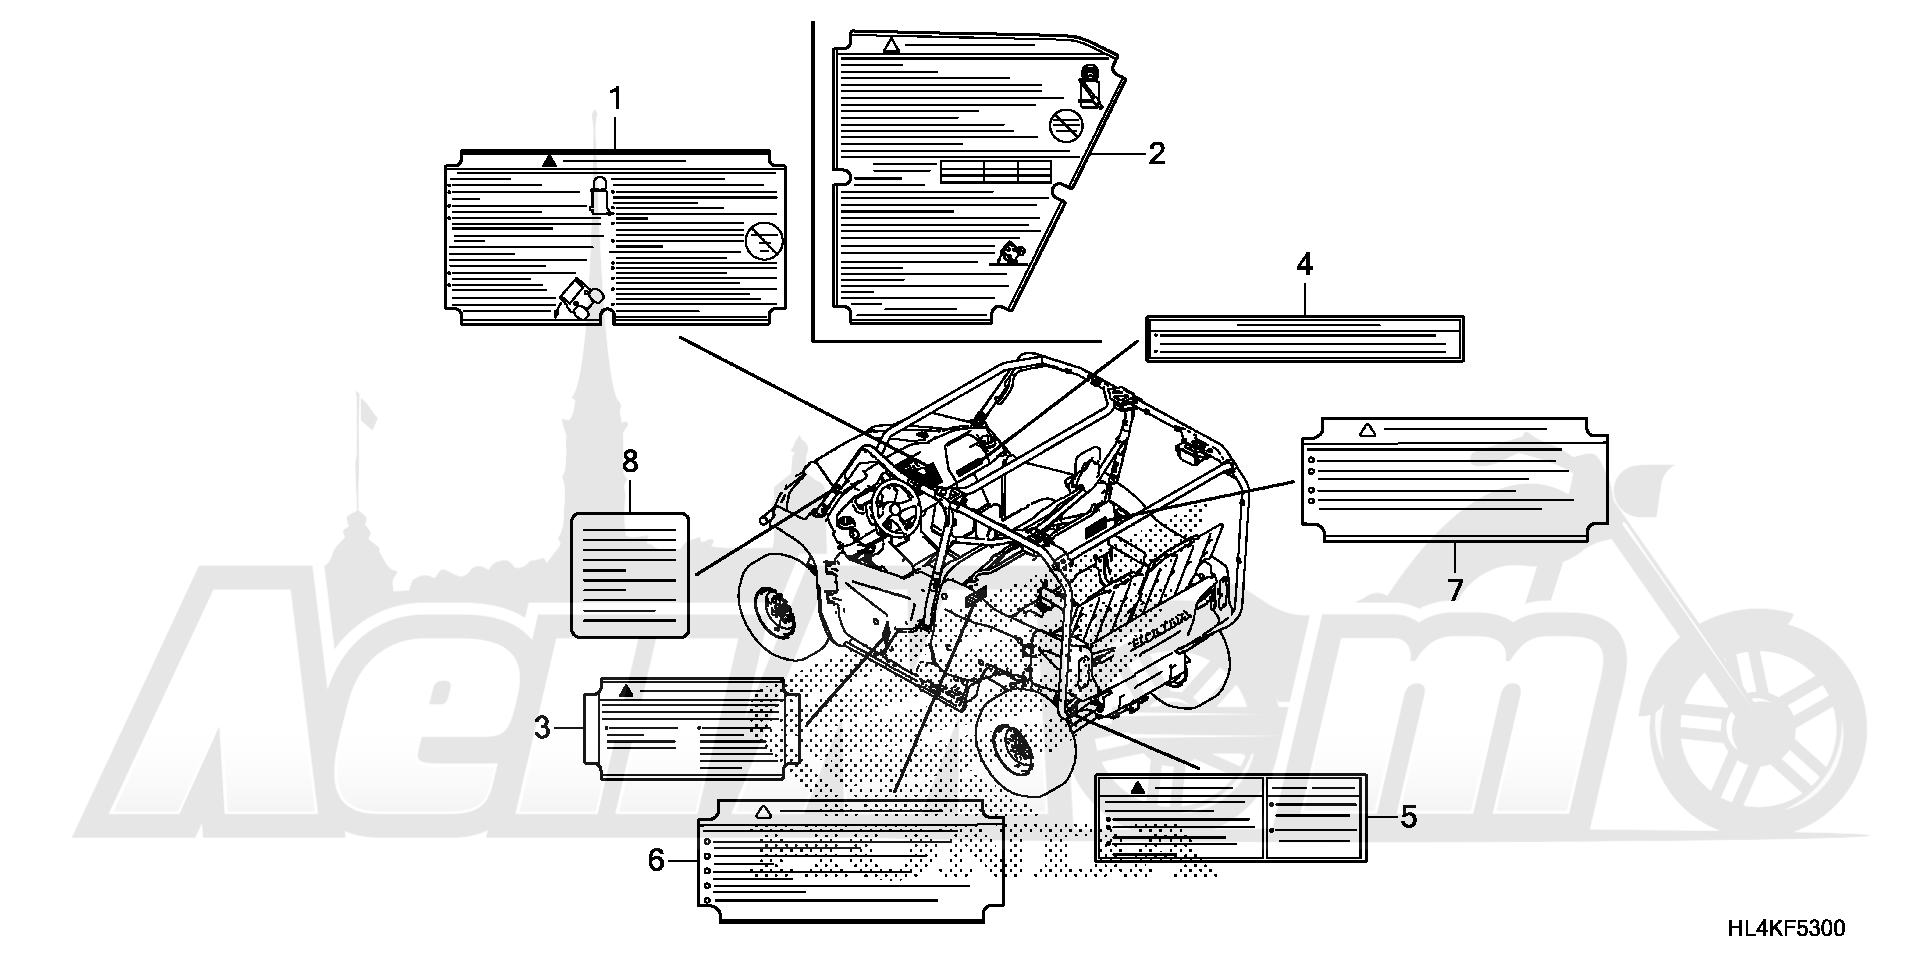 Запчасти для Квадроцикла Honda 2019 SXS1000M5P Раздел: CAUTION LABEL | предупреждение этикетка, метка